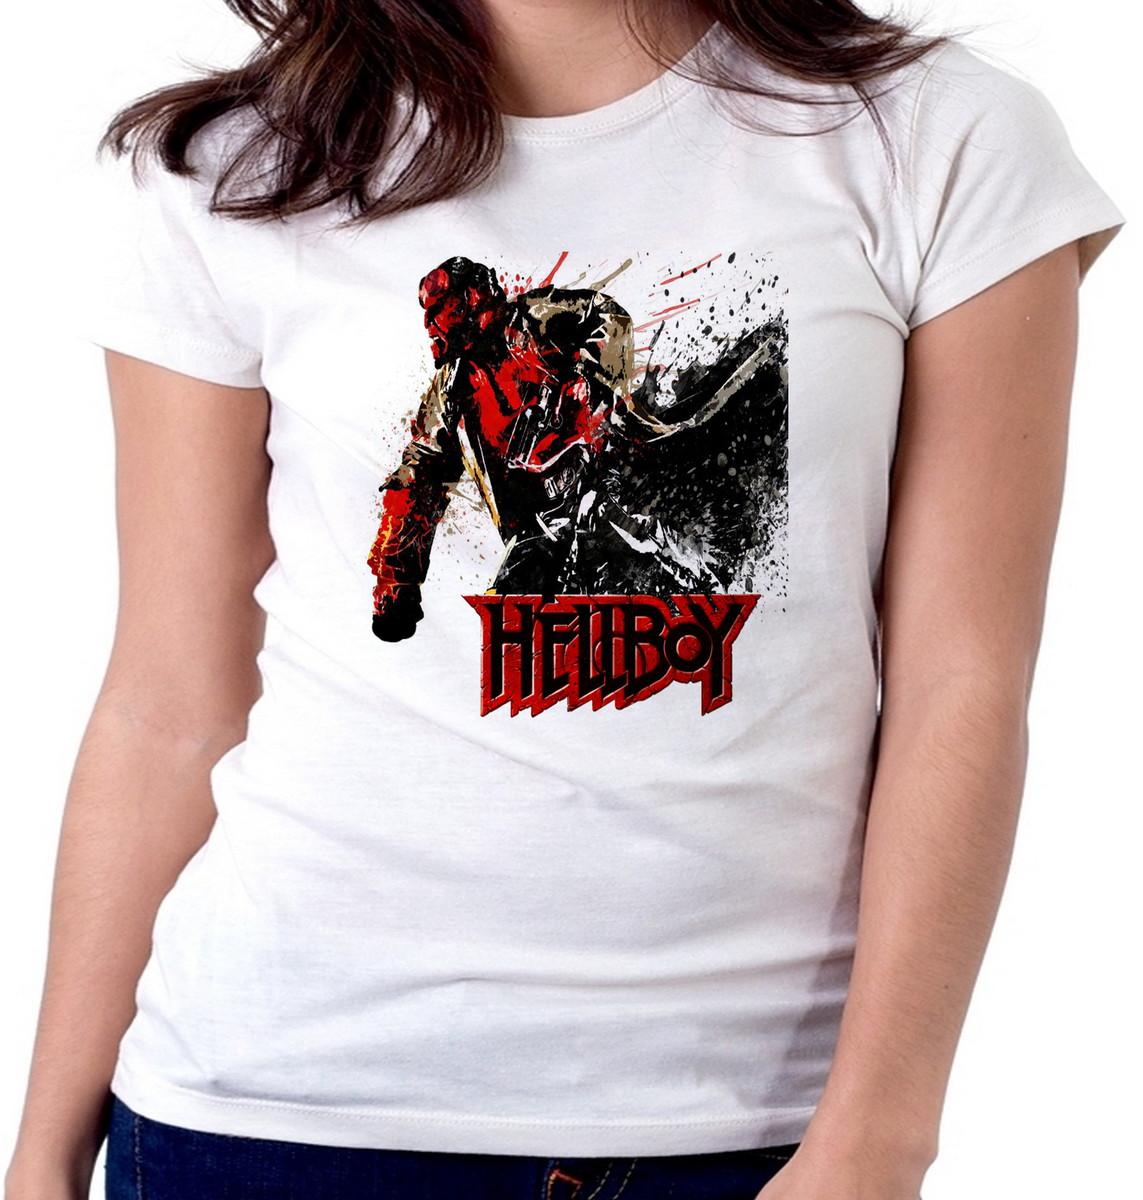 Blusa feminina baby look camiseta Hellboy ataque super heroi no Elo7 ... 0364448388bd